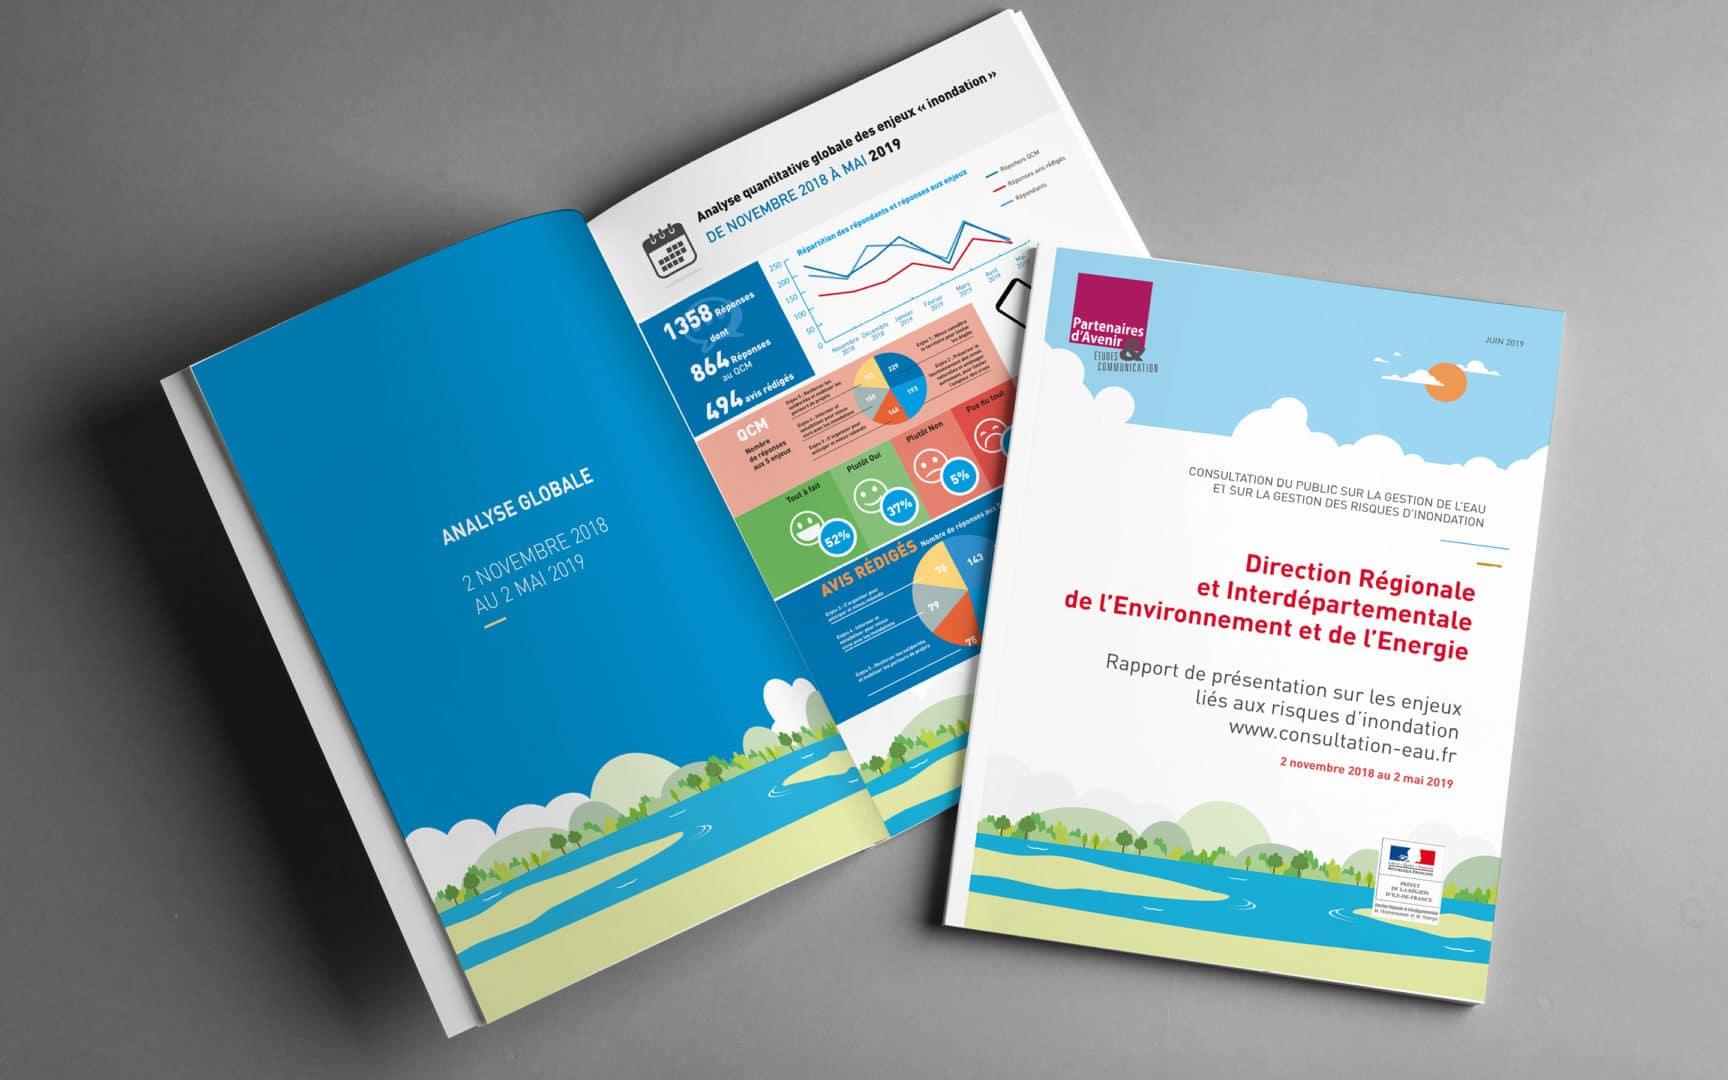 Création et mise en ligne d'une plateforme nationale de concertation pour l'agence de l'eau